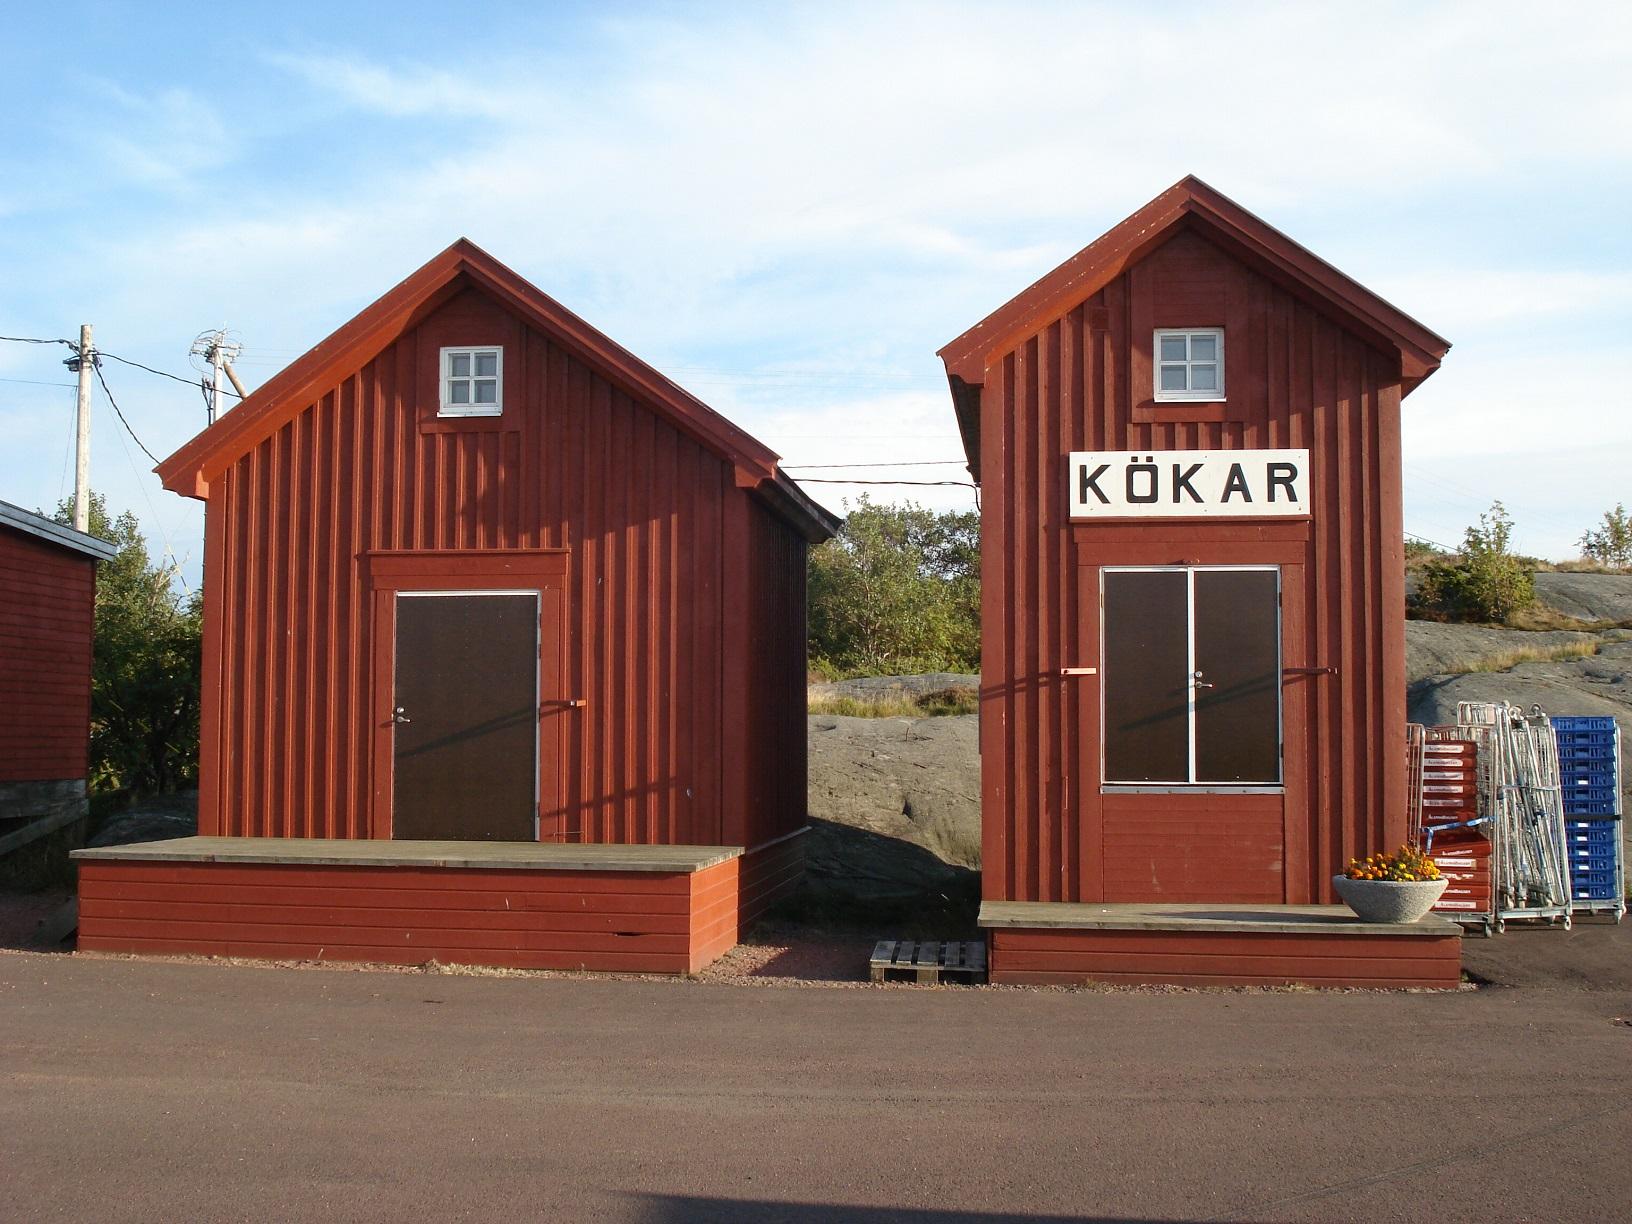 Rote Holzhäuser auf der Insel Kökar, Aland